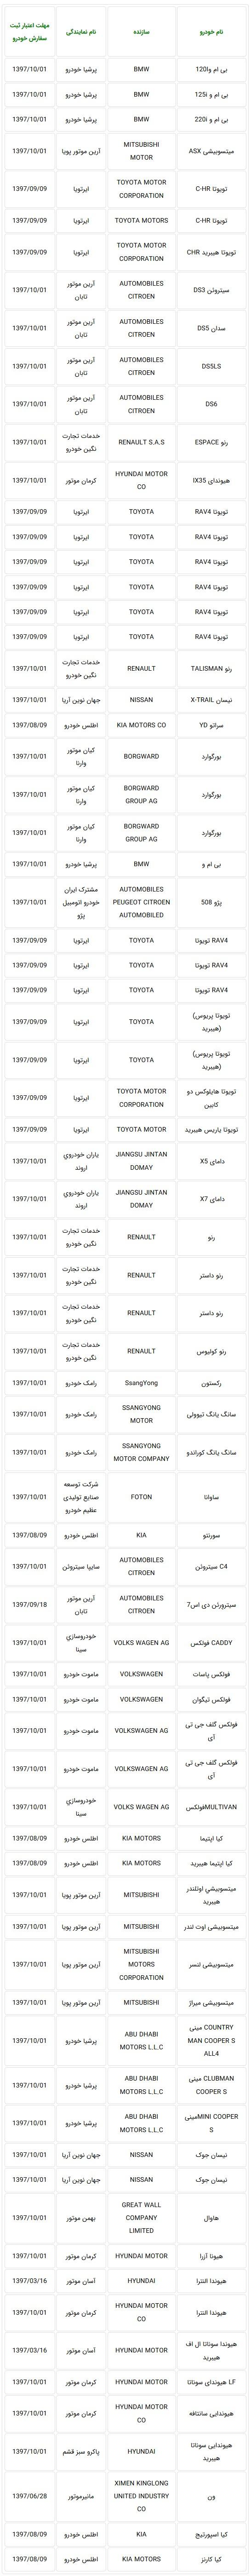 اعلام لیست جدید خودروهای سواری مجاز برای واردات در سال 97